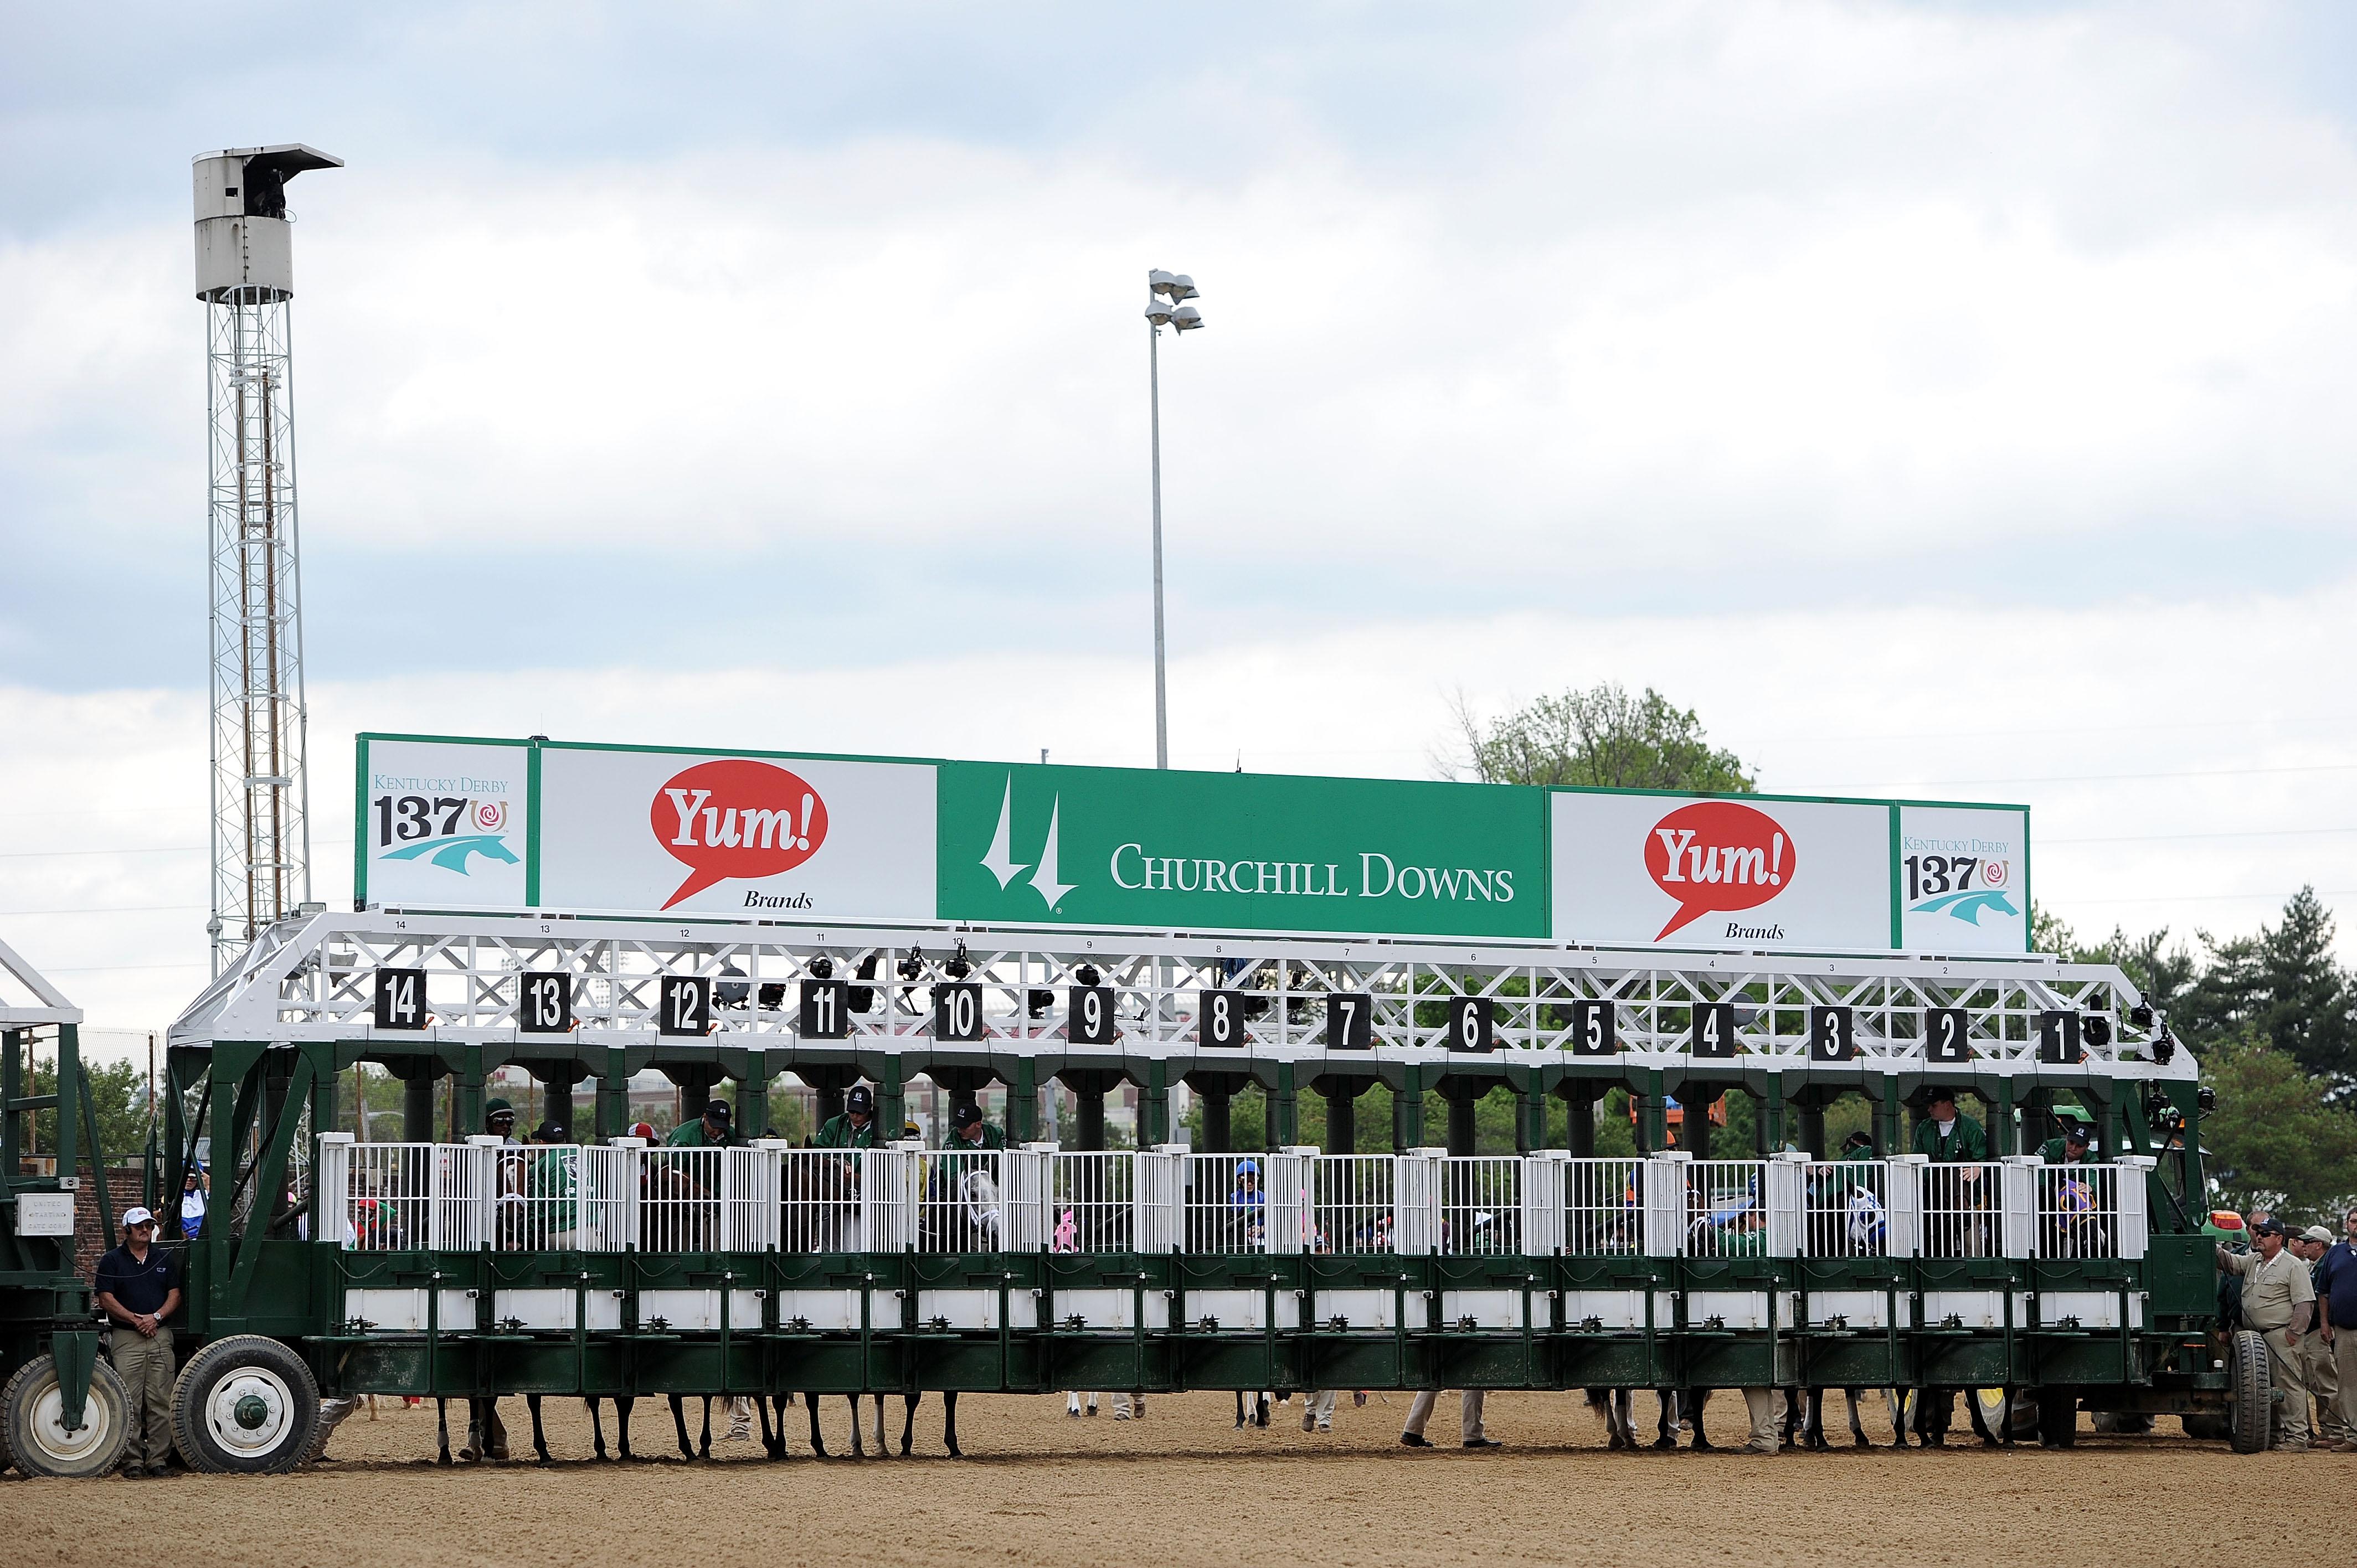 2011年5月7日,在路易斯维尔,在丘吉尔唐斯举行的第137届肯塔基赛马会上,马走进起跑线。